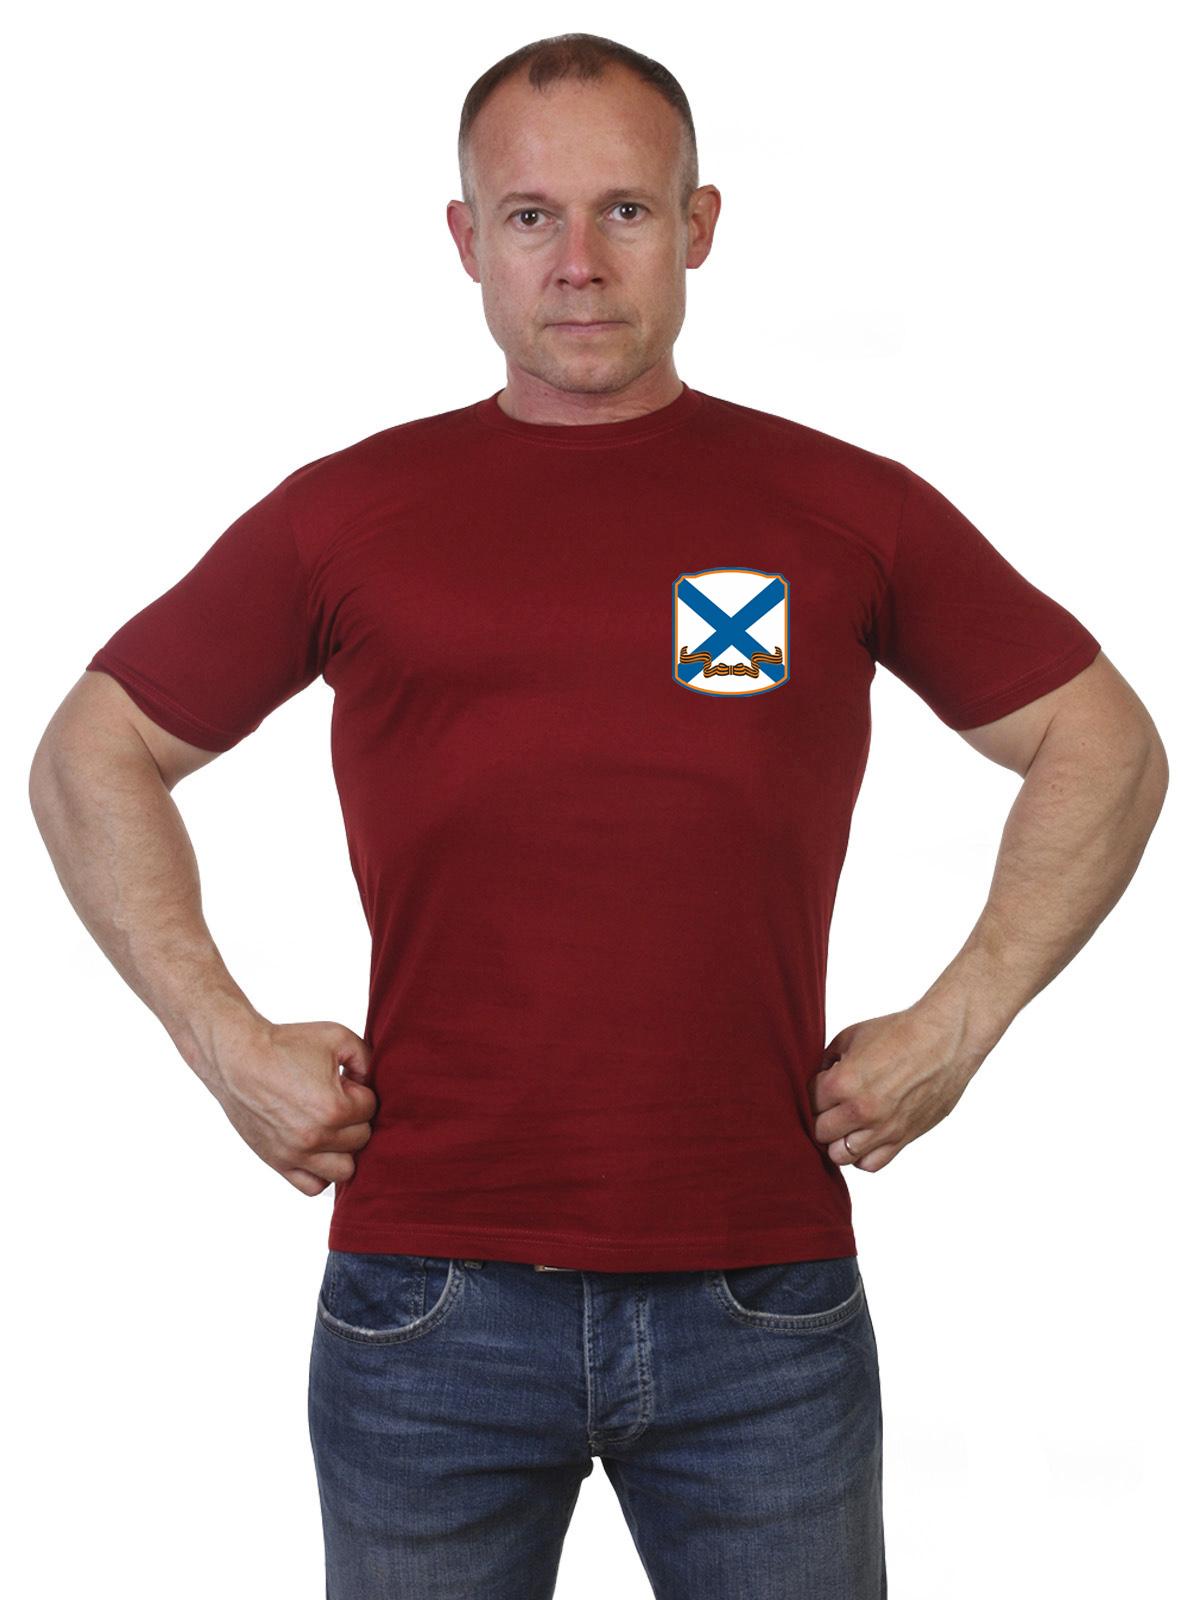 Мужская футболка с термотрансфером ВМФ